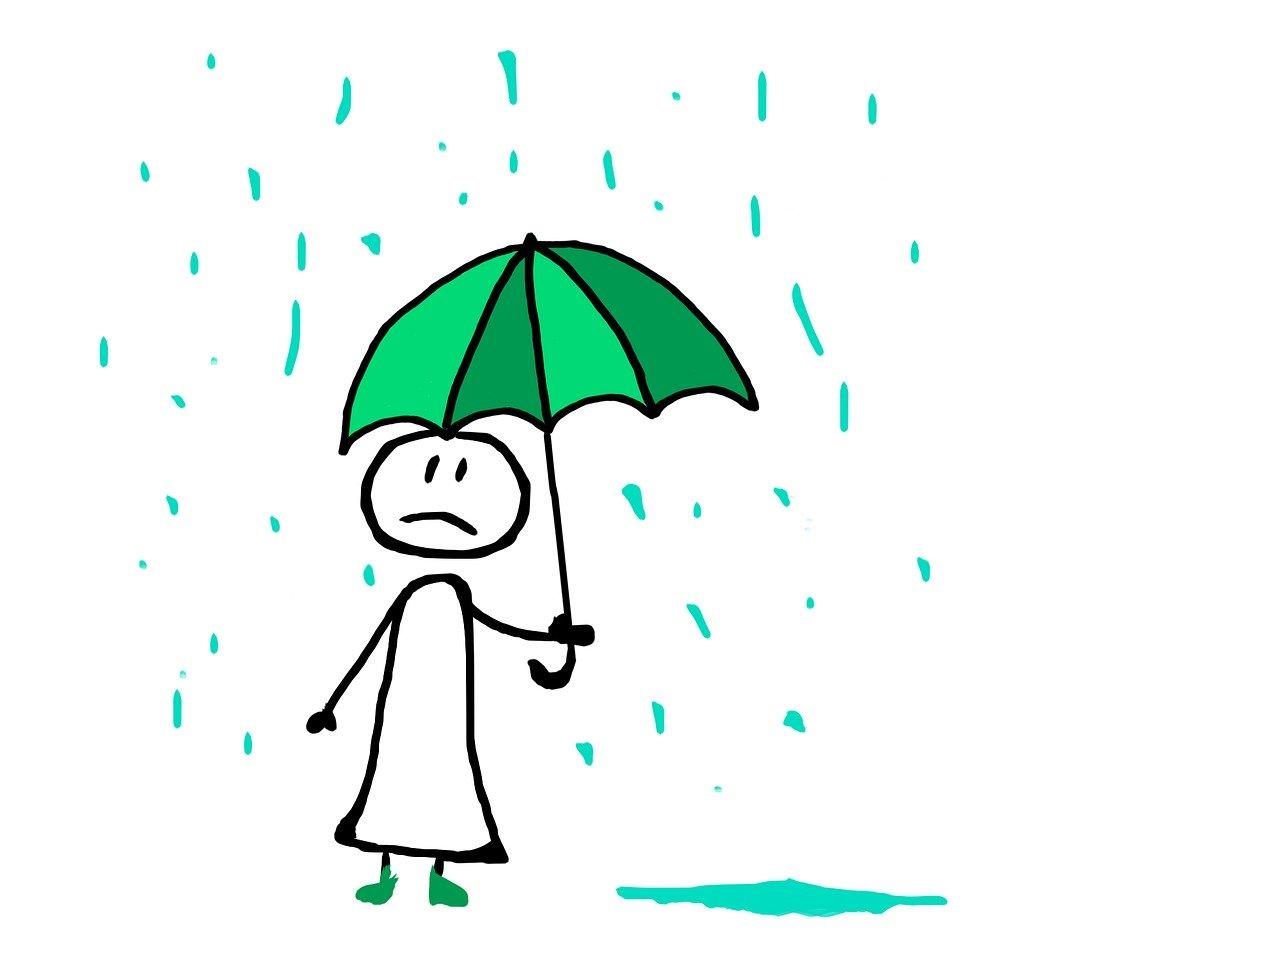 アレルギー性鼻炎は雨の日と関係あるの?実はこのような関係があった!